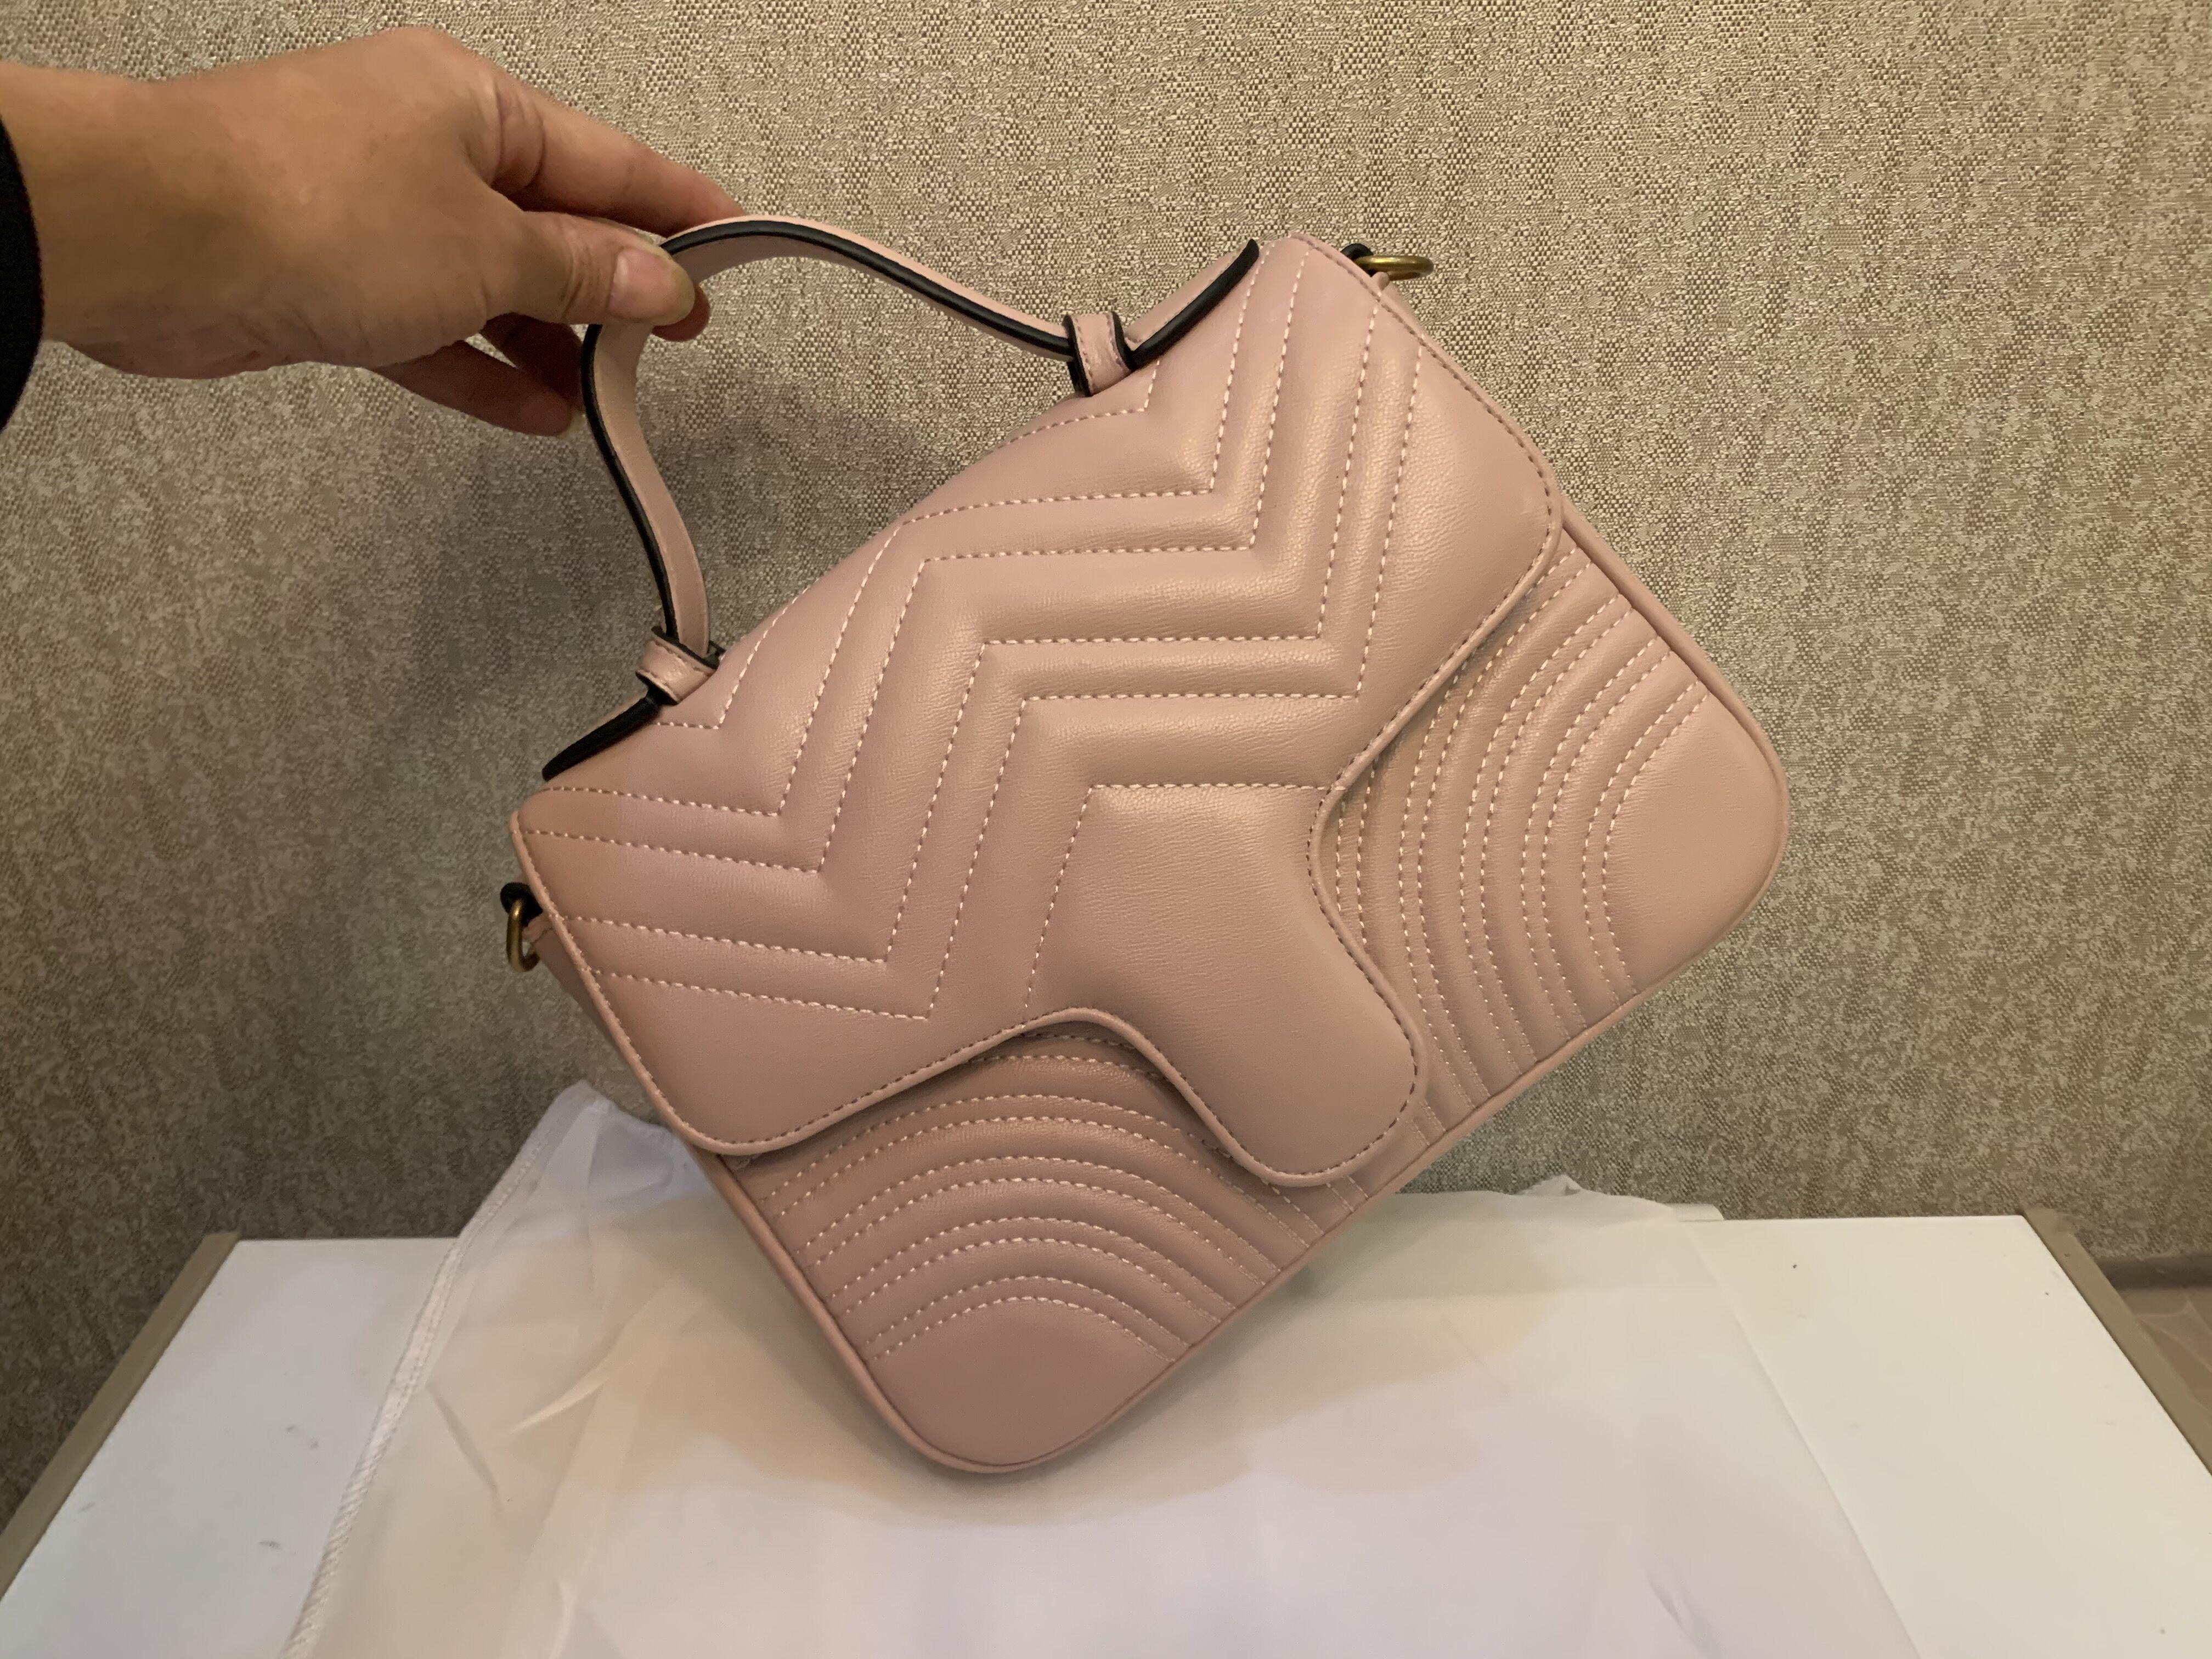 Venta de PU de cuero nuevo estilo de diseñador marmont bolsas de hombro mujeres bolso de cadena de lujo bolso cruz back bolsos caliente bolsos de oro Mensajero de oro BAVG